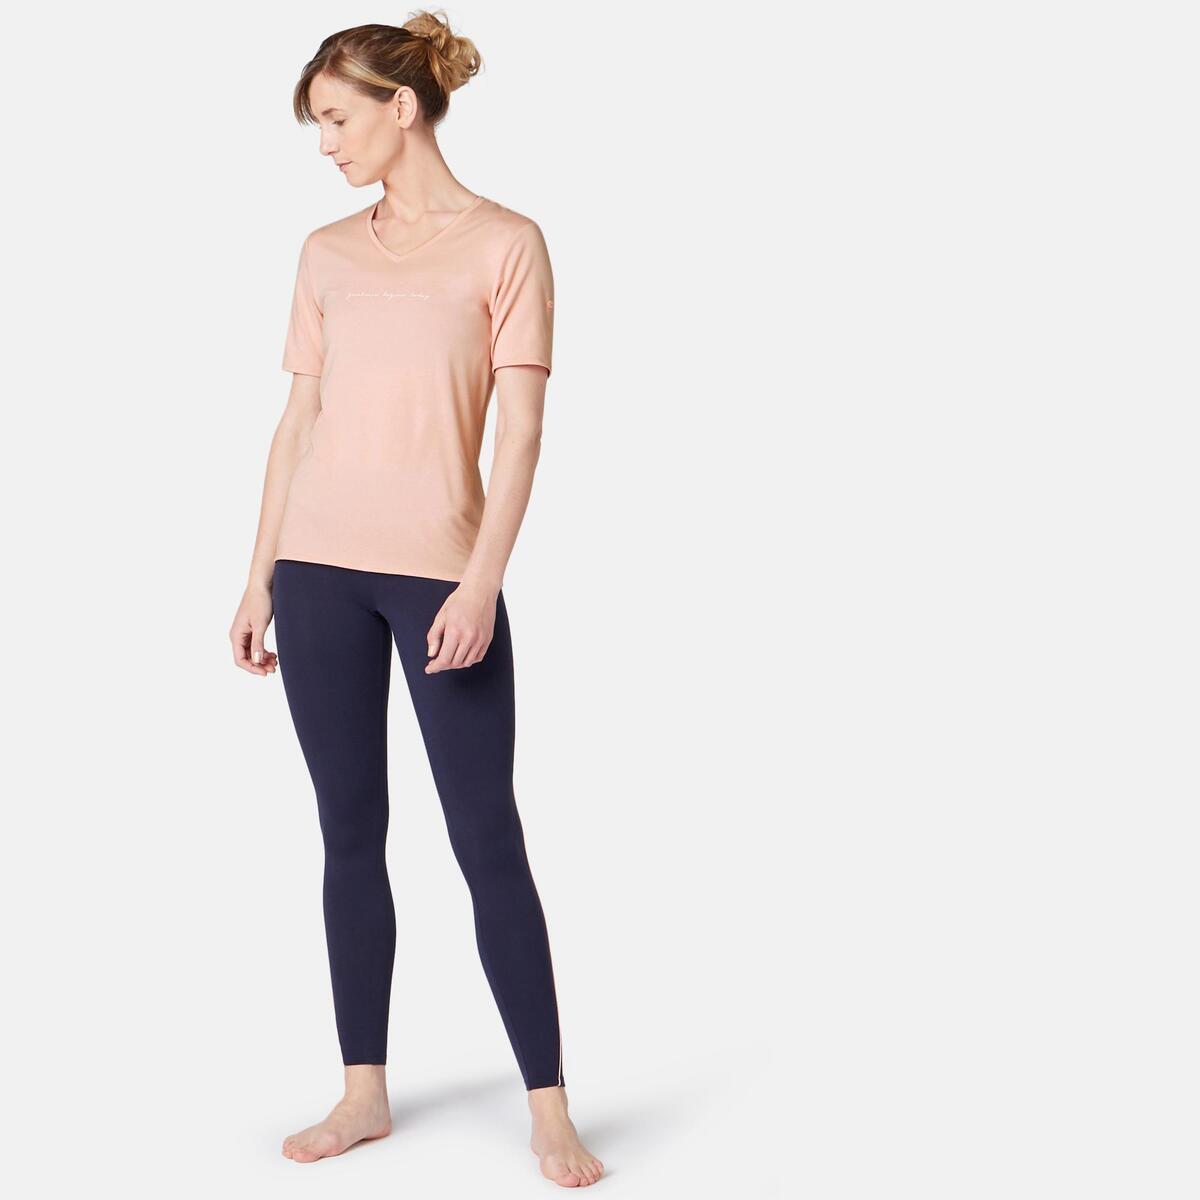 Bild 3 von T-Shirt Regular 510 Pilates sanfte Gym Damen rosa mit Print